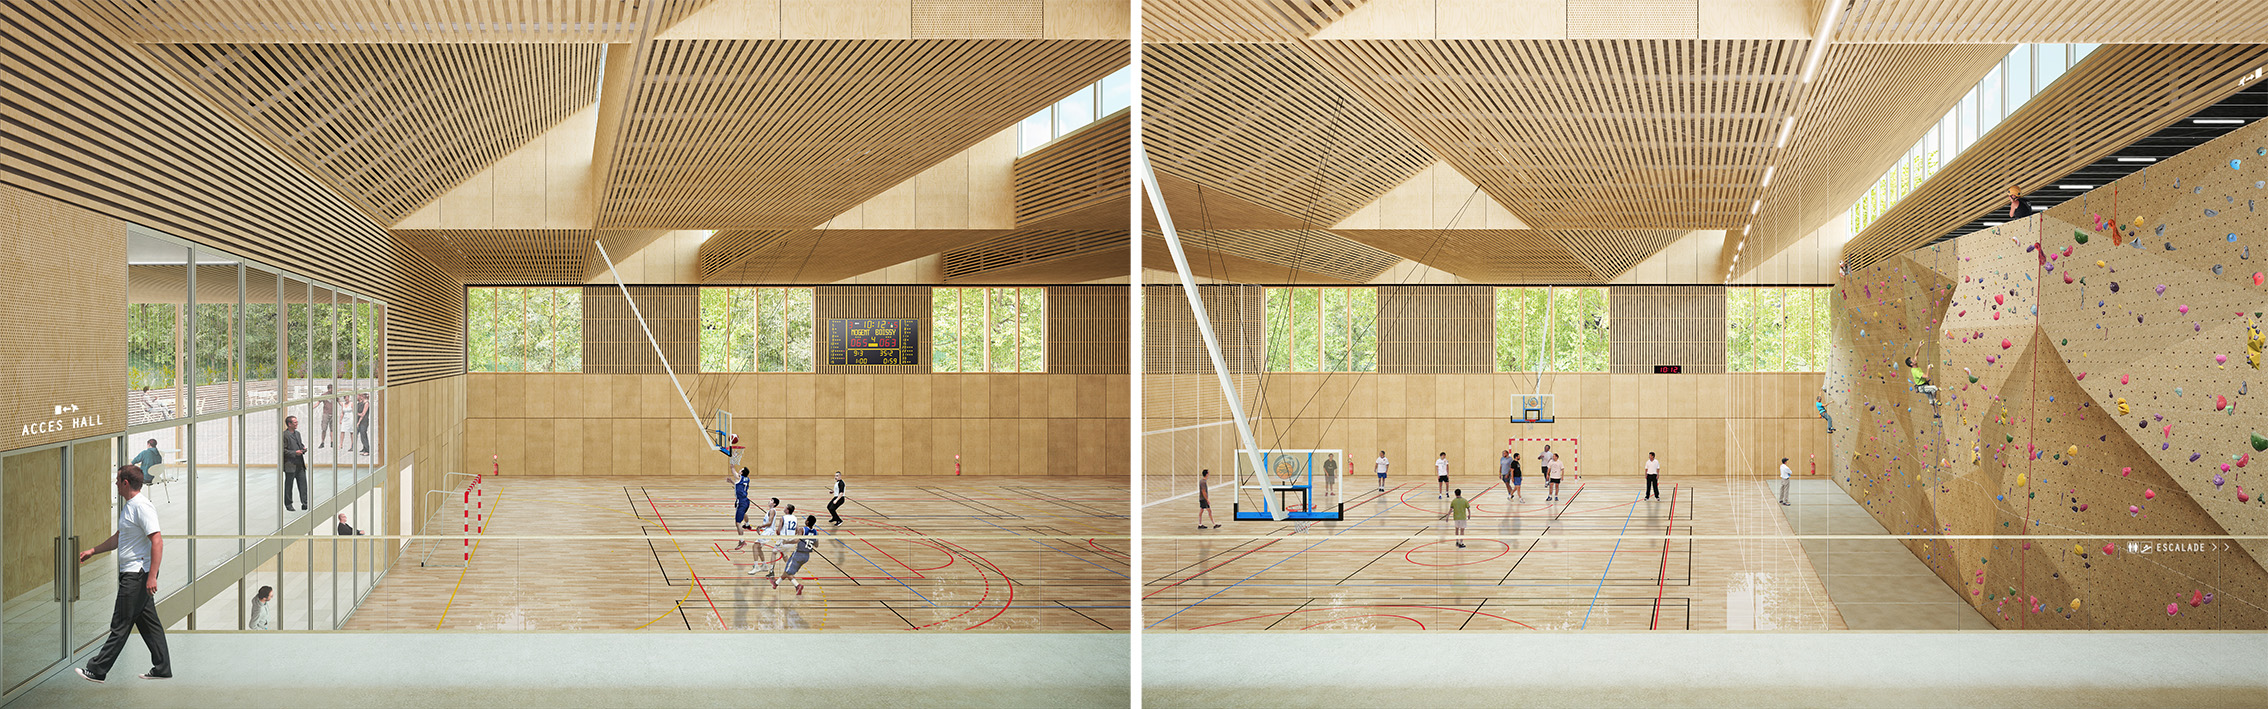 Stadium Gymnase Nogent sur Marne credit Agence Engasser et associes 3